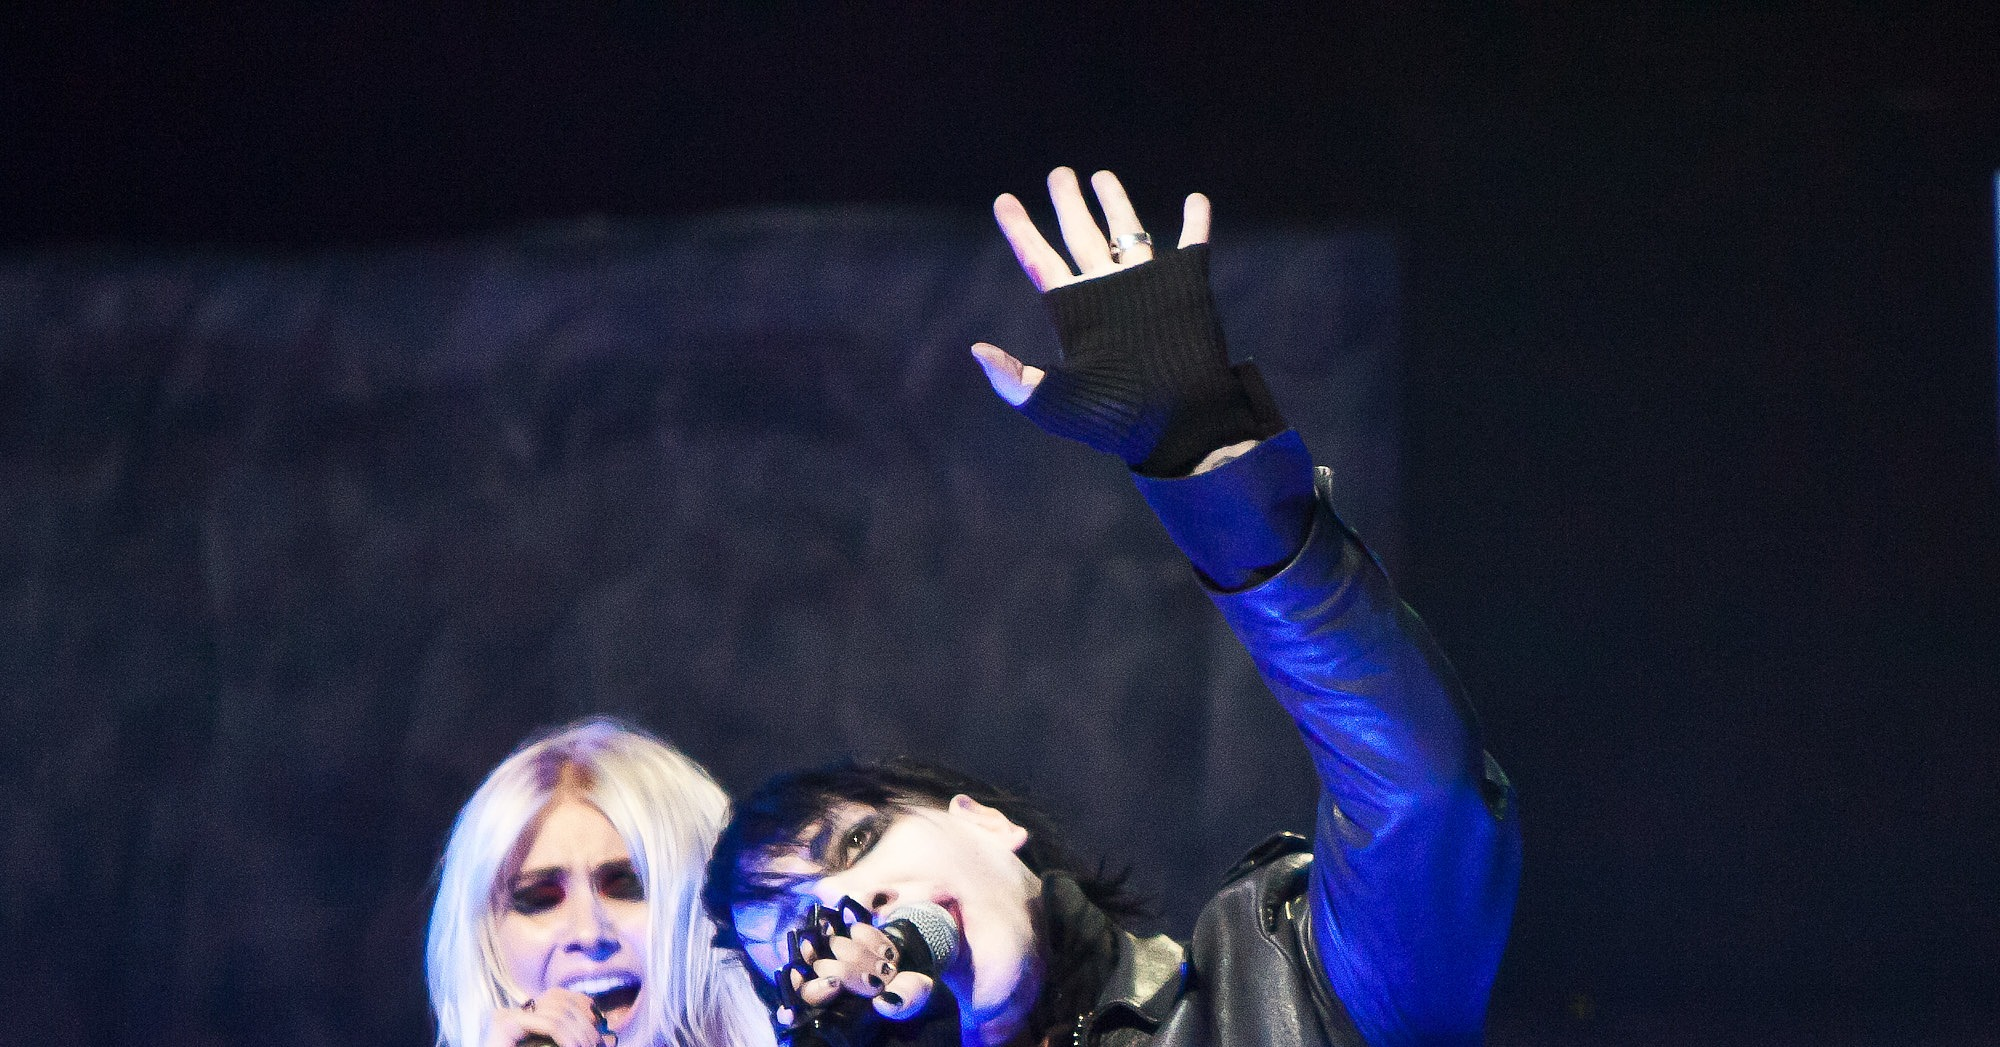 16 mitos y verdades sobre Marilyn Manson, el